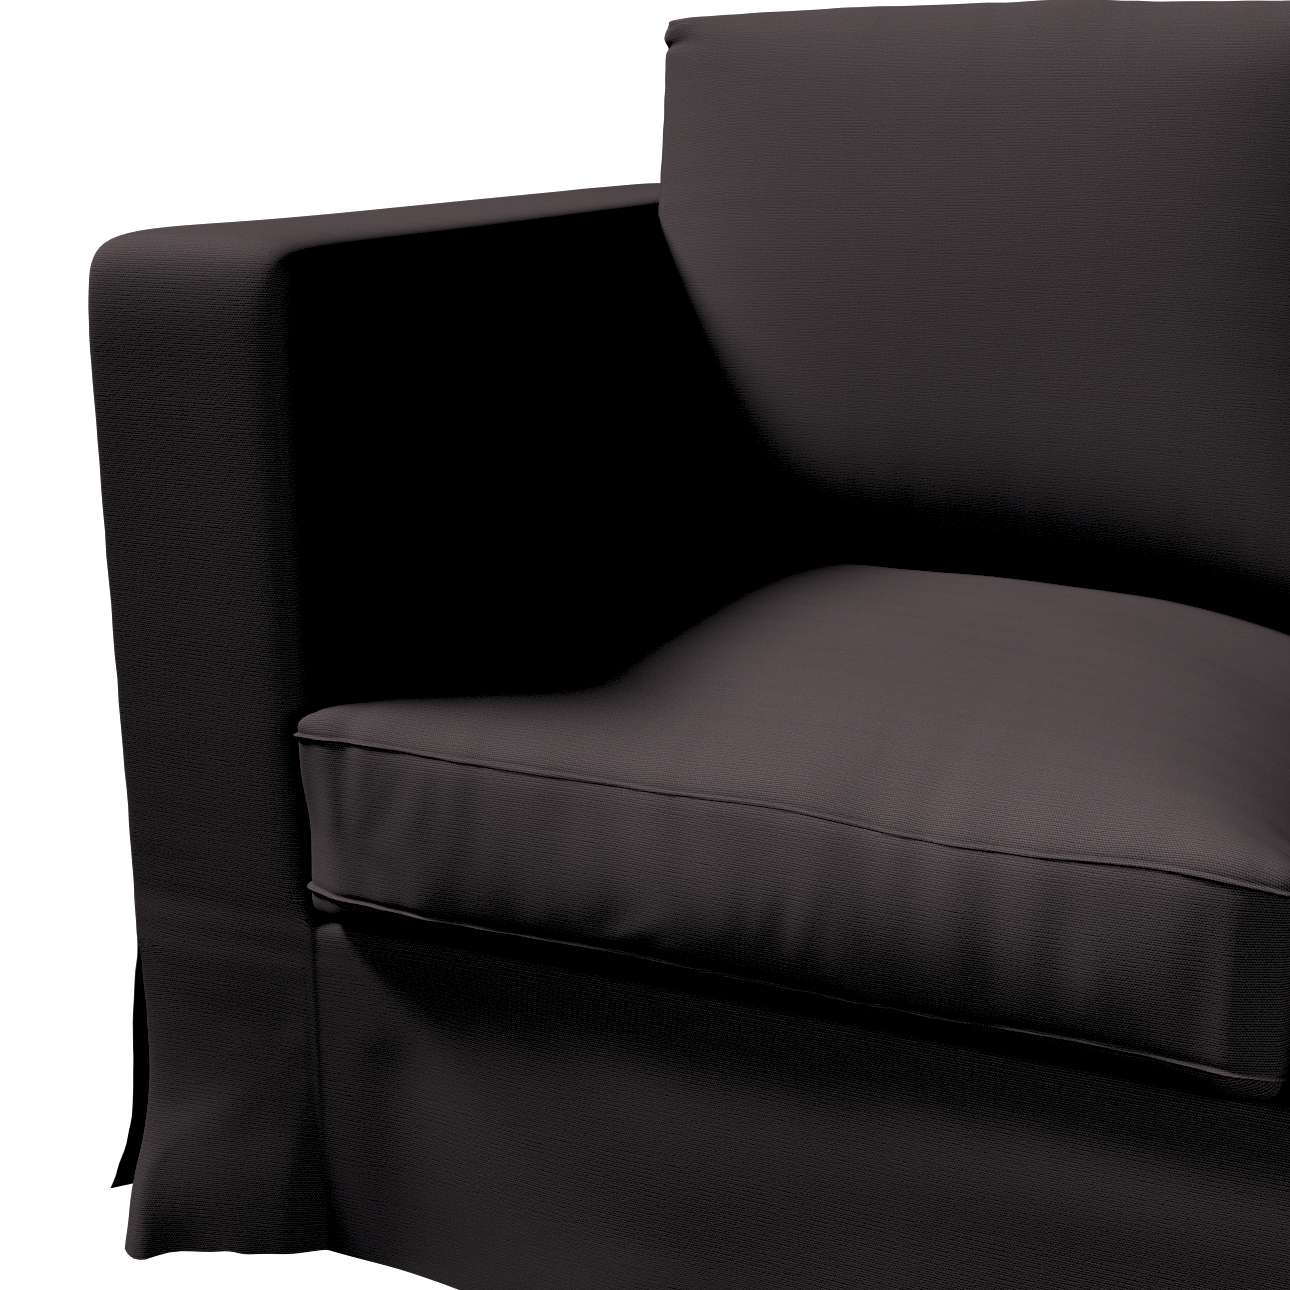 Karlanda 3-Sitzer Sofabezug nicht ausklappbar lang von der Kollektion Cotton Panama, Stoff: 702-08